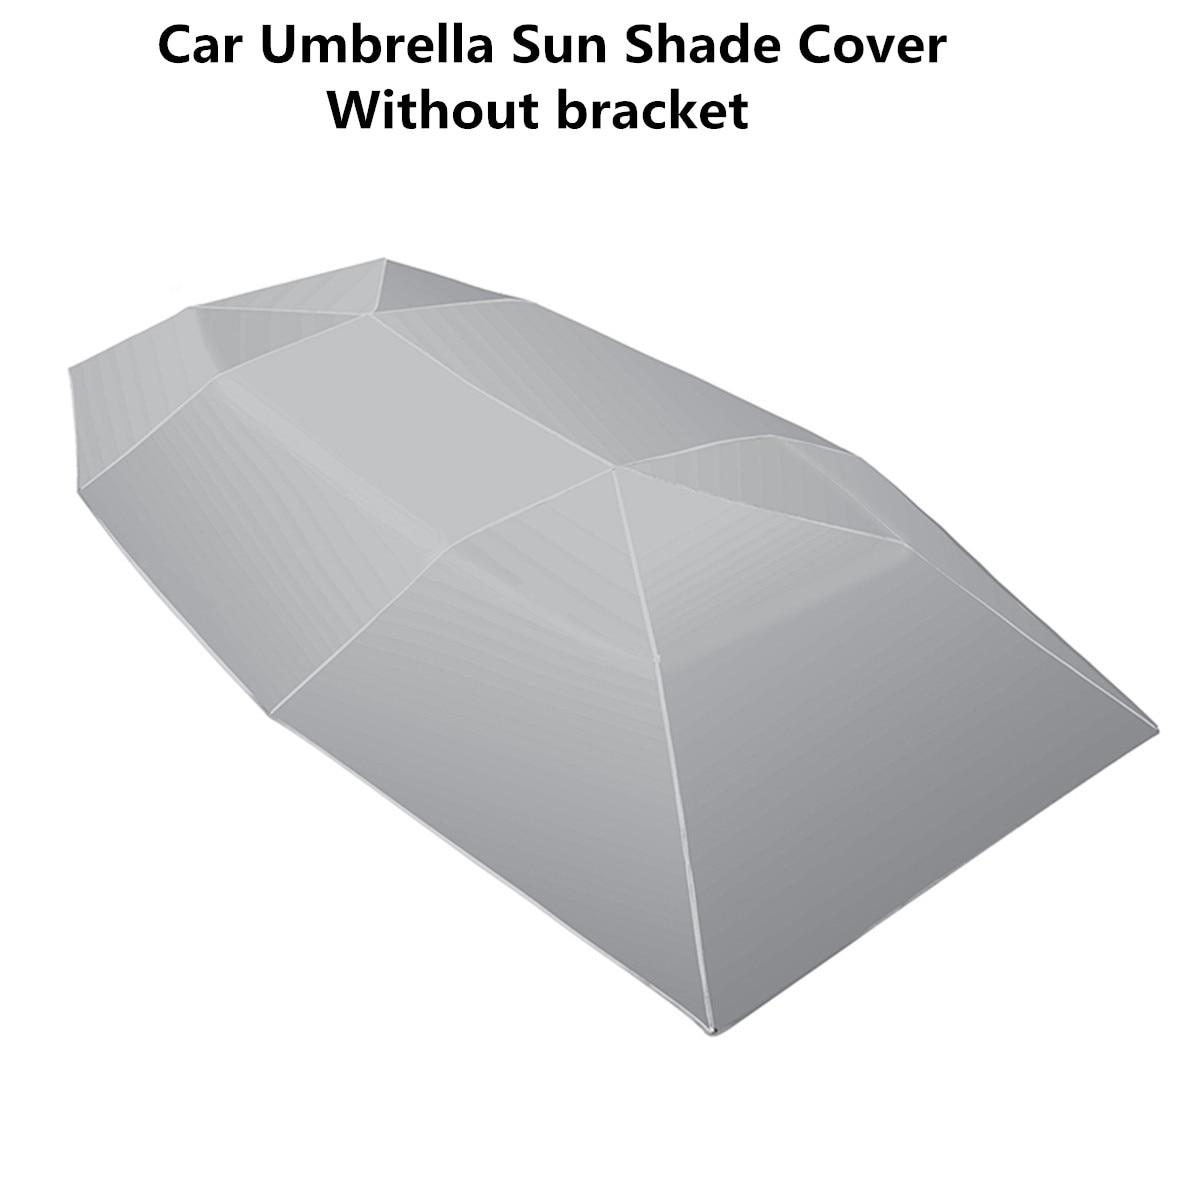 Voiture parapluie soleil ombre couverture extérieure voiture véhicule tente Oxford tissu Polyester couvre 400x210 cm bleu/argent sans support - 5